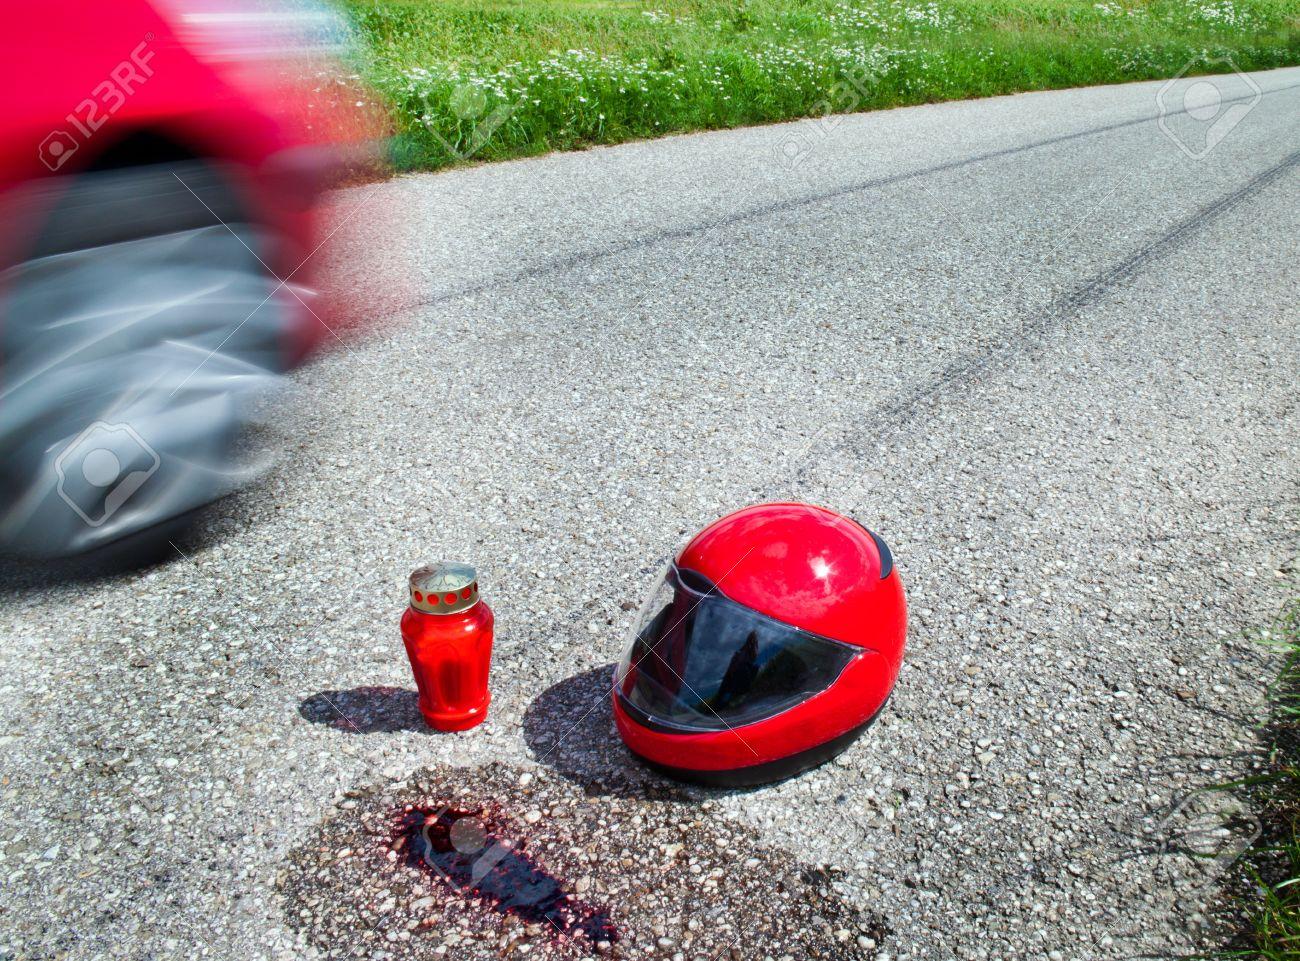 Львовская трагедия: водитель погиб на месте (жуткое фото)